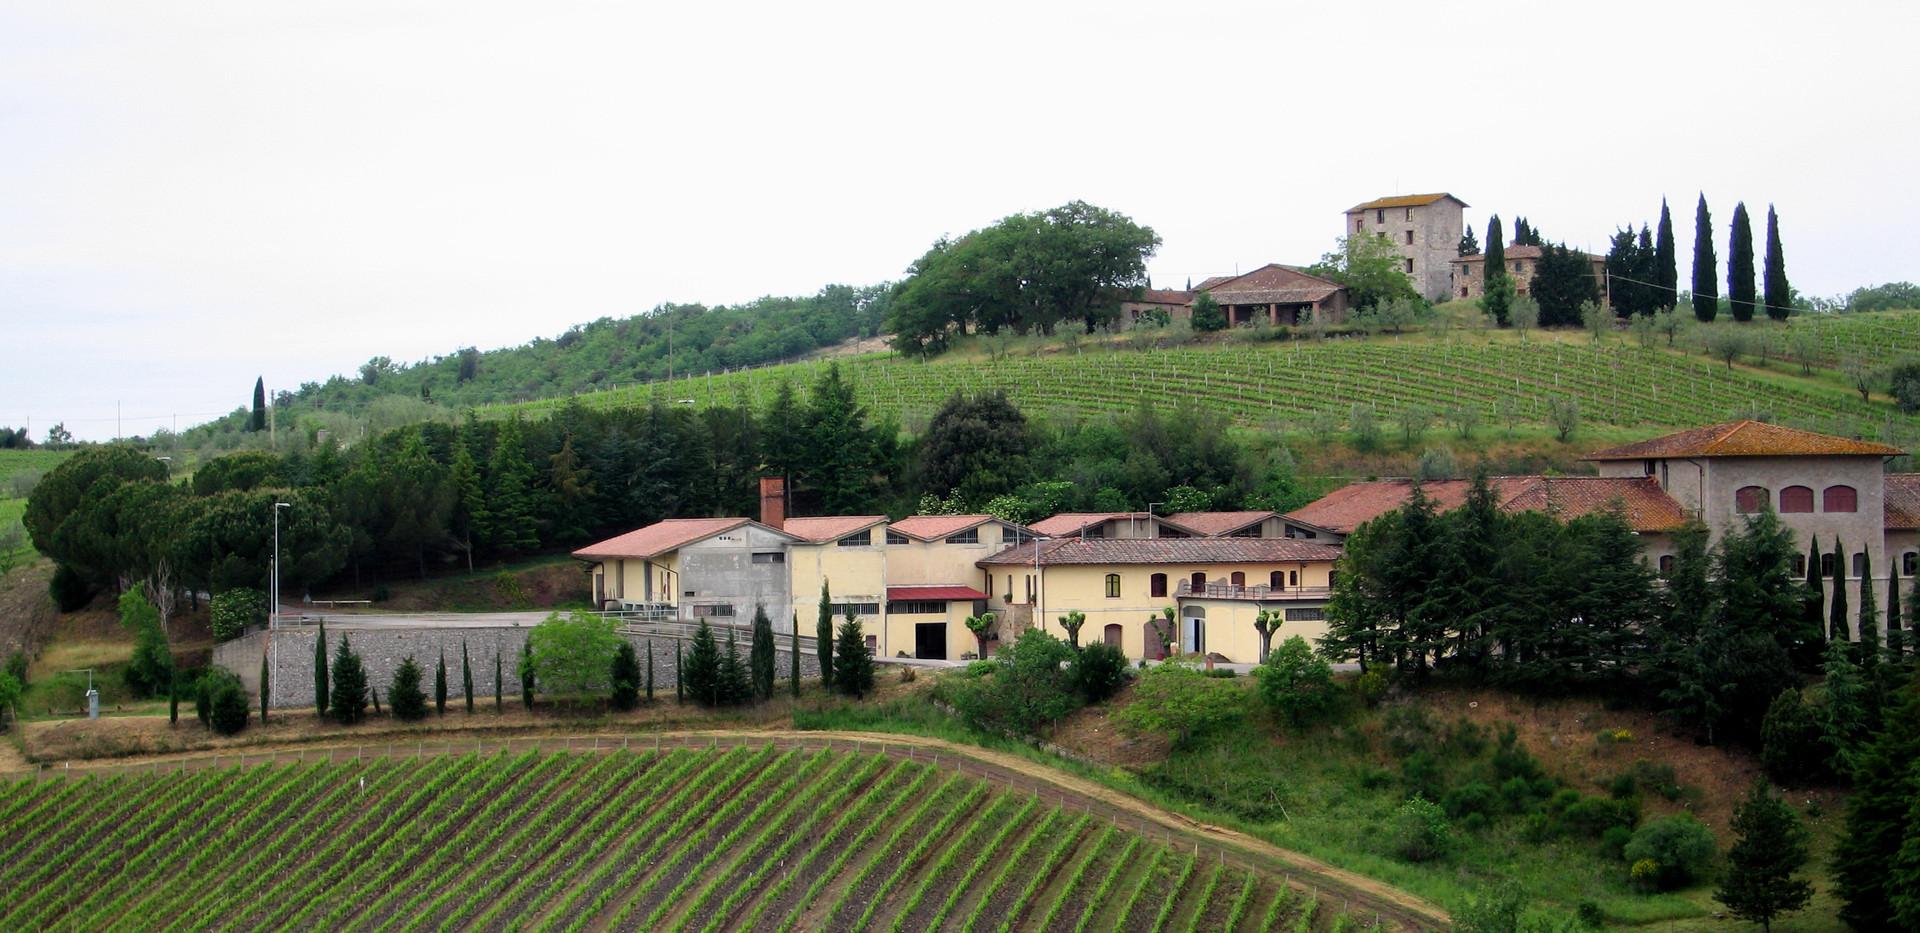 092 Toscana.JPG